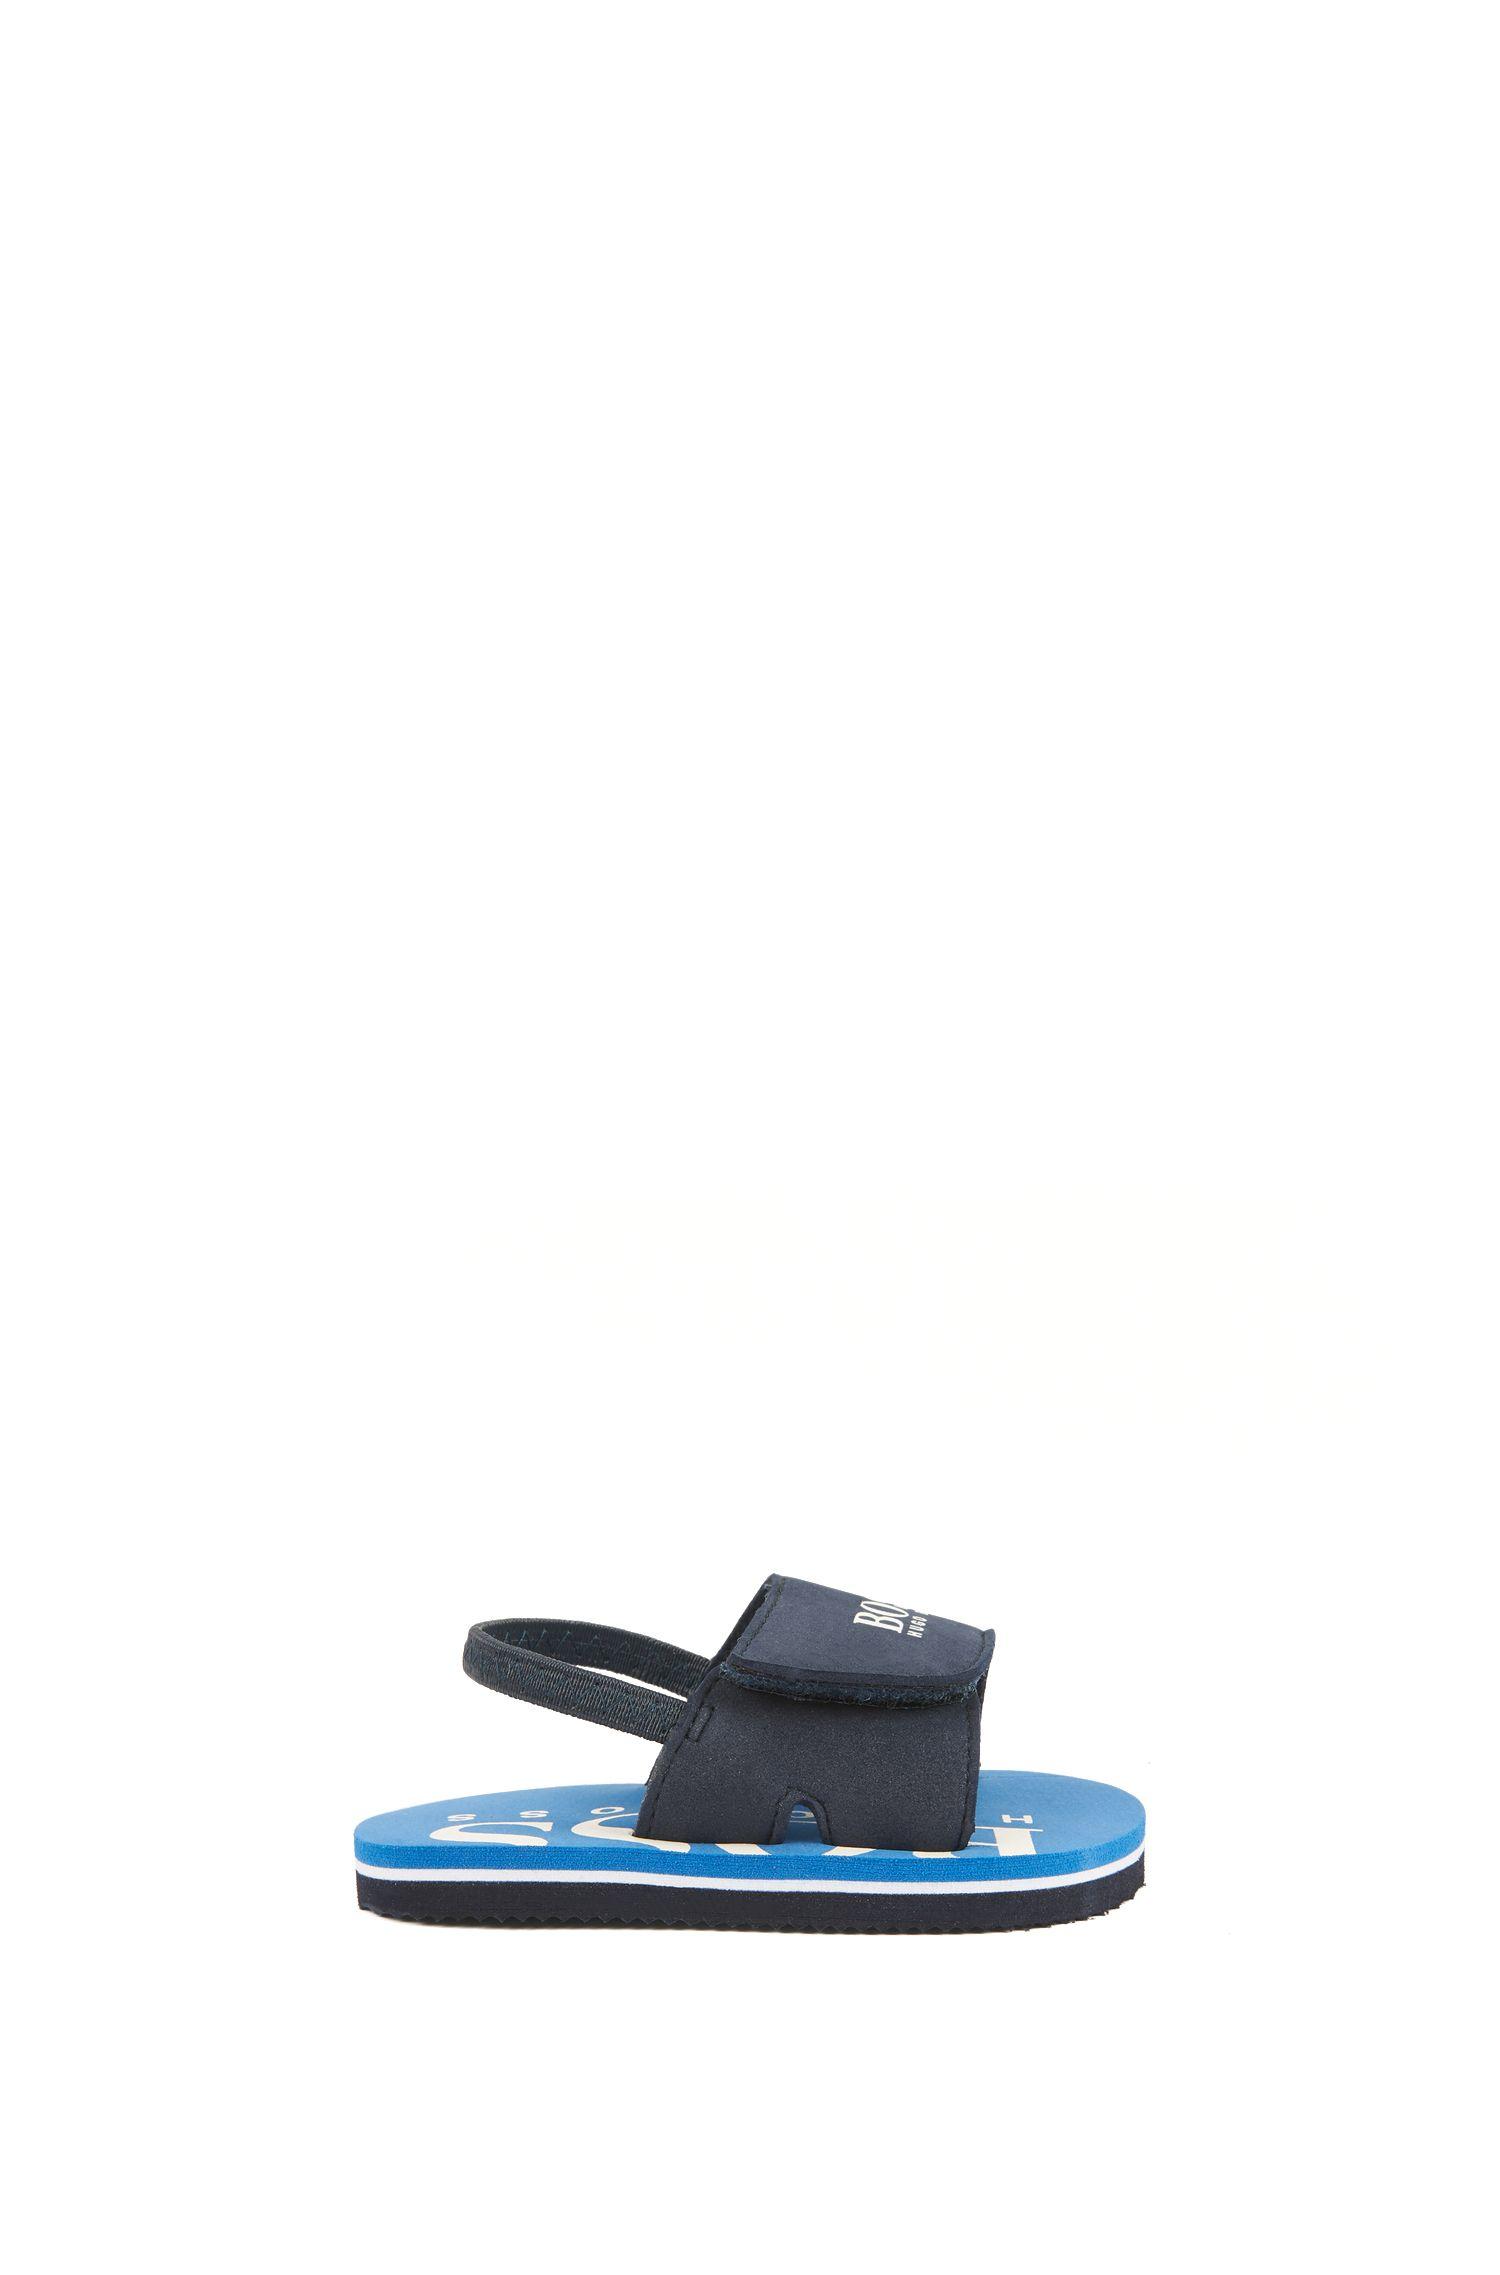 Sandales pour enfant à fermeture auto-agrippante, Bleu foncé